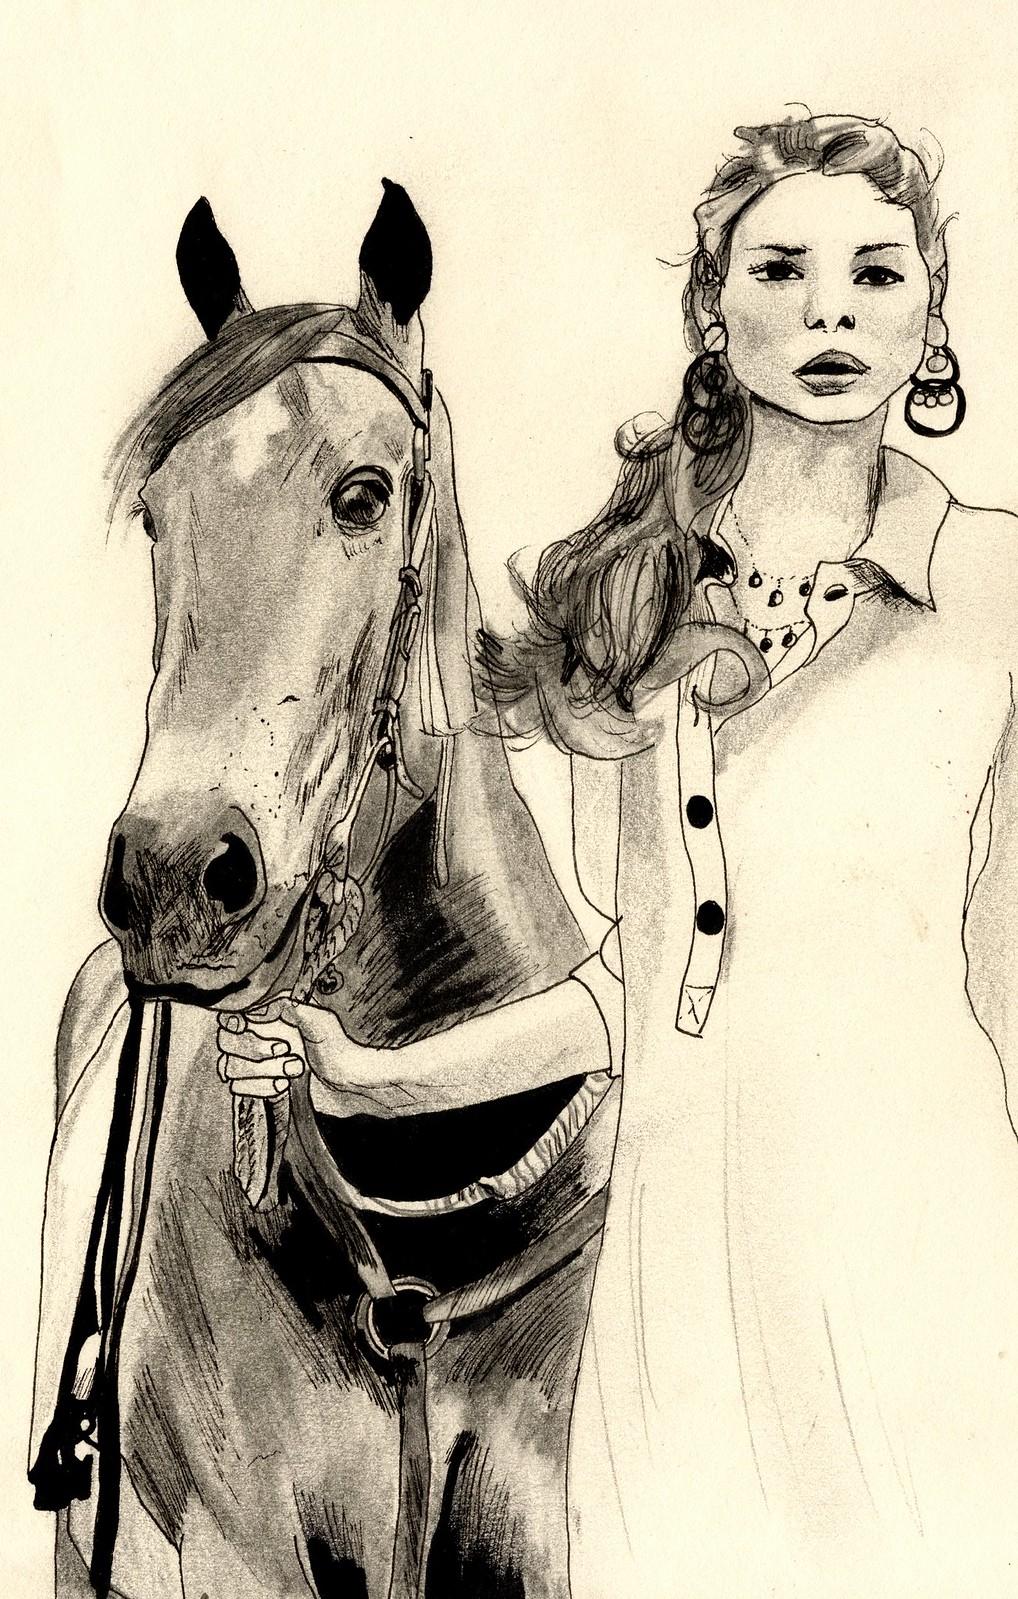 Sketchbook - Girl and Horse